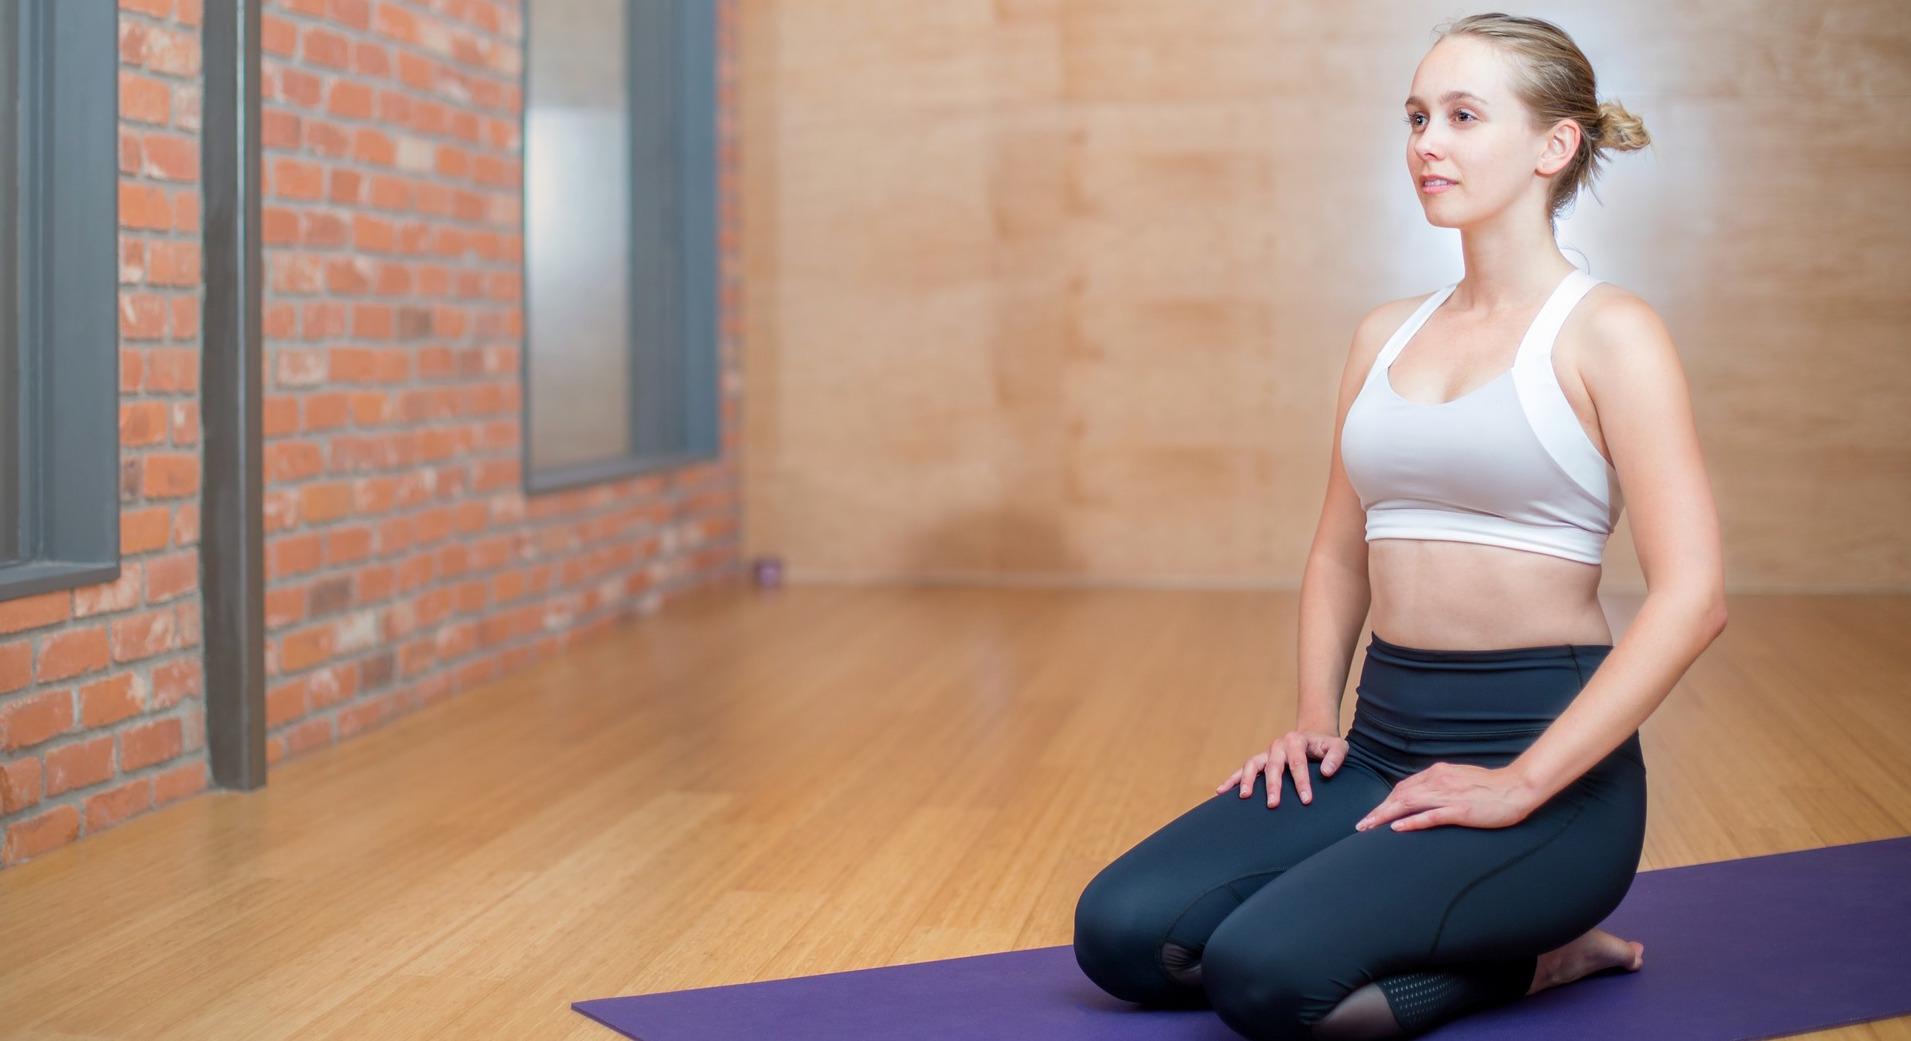 La méthode Pilates de mieux en mieux reconnue